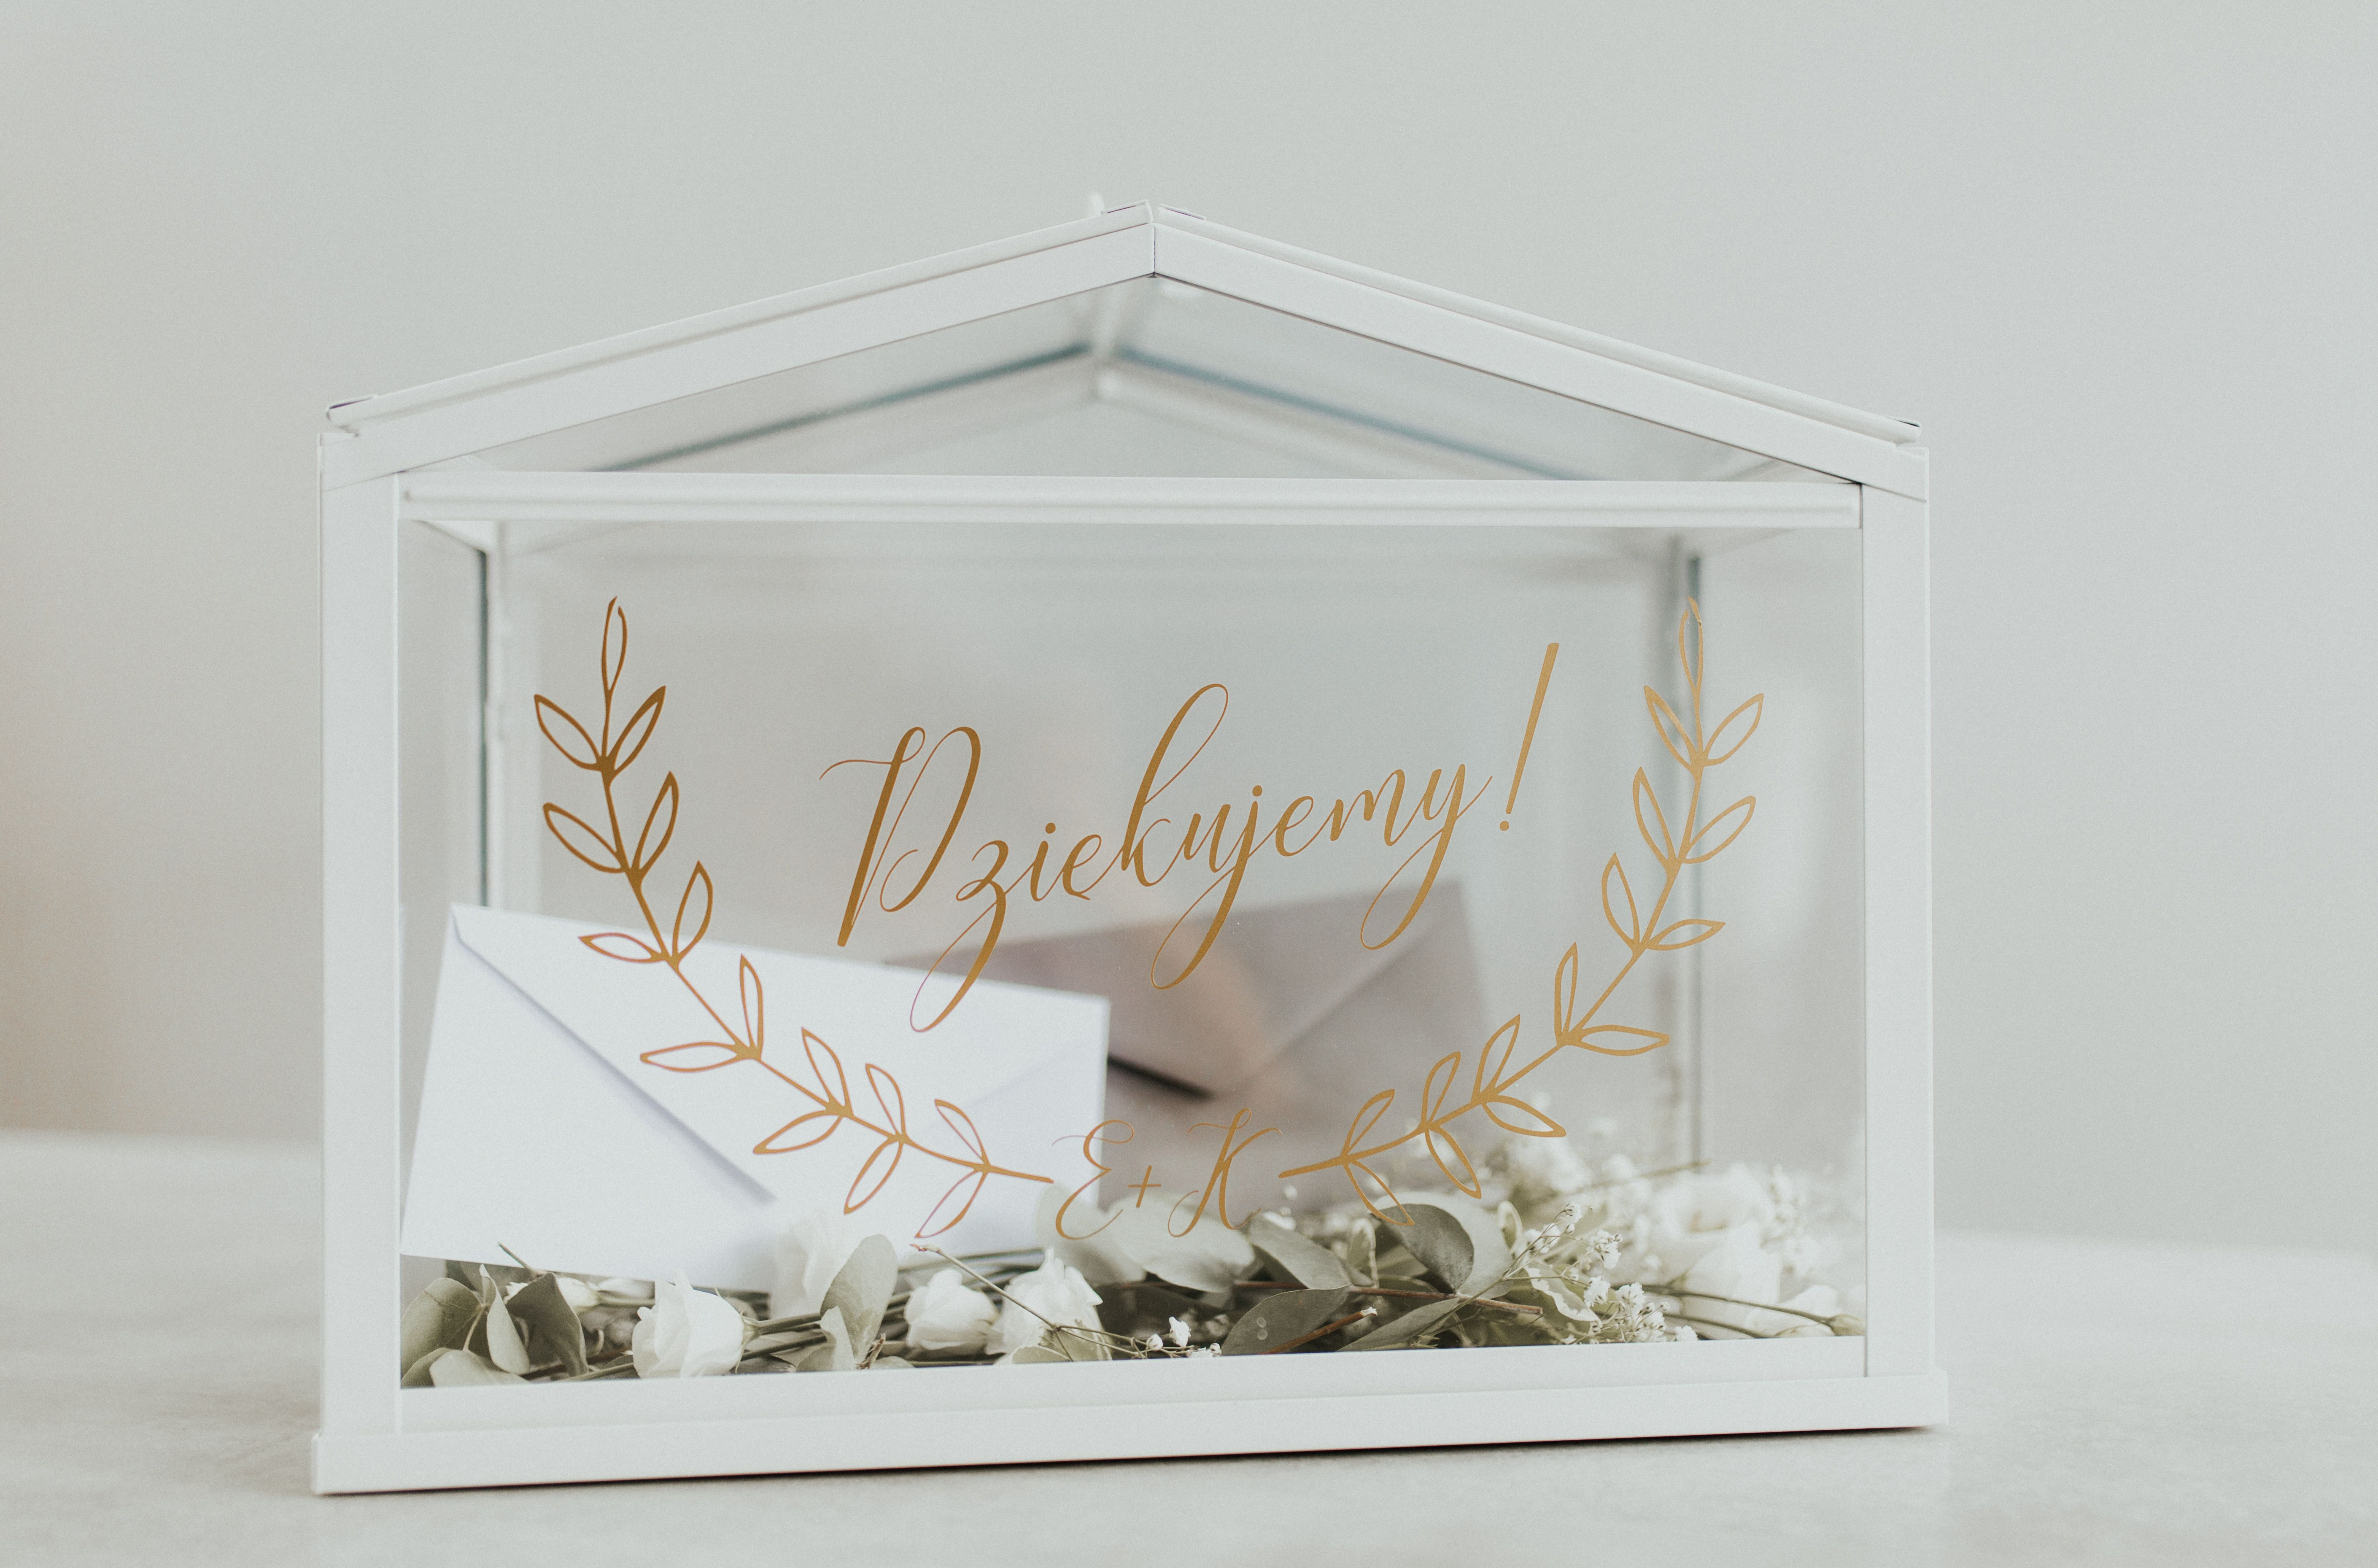 Jednym Z Transparentnych Niedrogich I Latwo Dostepnych Dodatkow Jest Szklarnia Ikea Kilka Subtelnych D Card Box Wedding Wedding Card Diy Card Box Wedding Diy